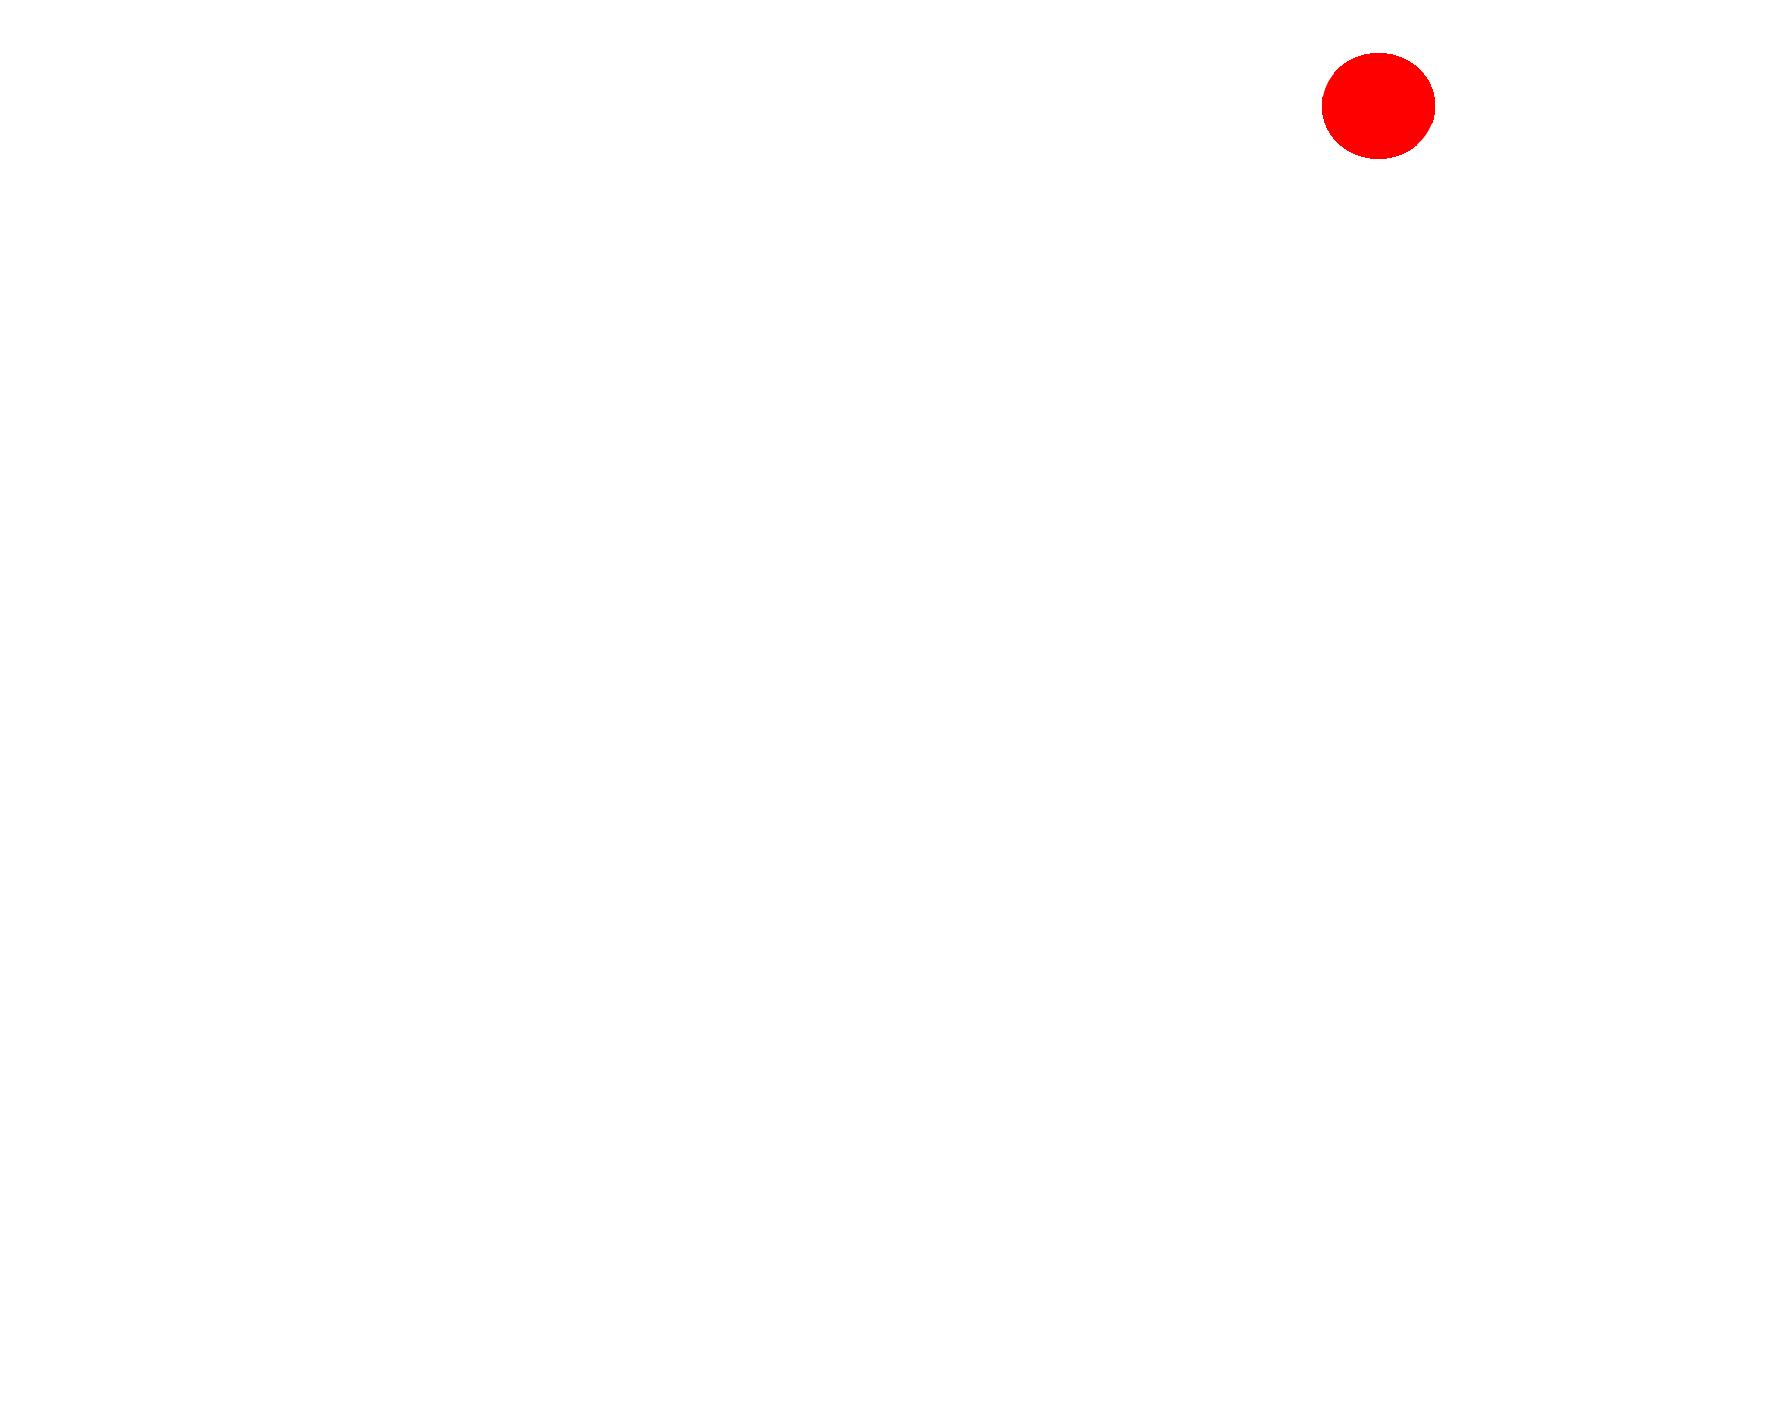 創進基金有限公司